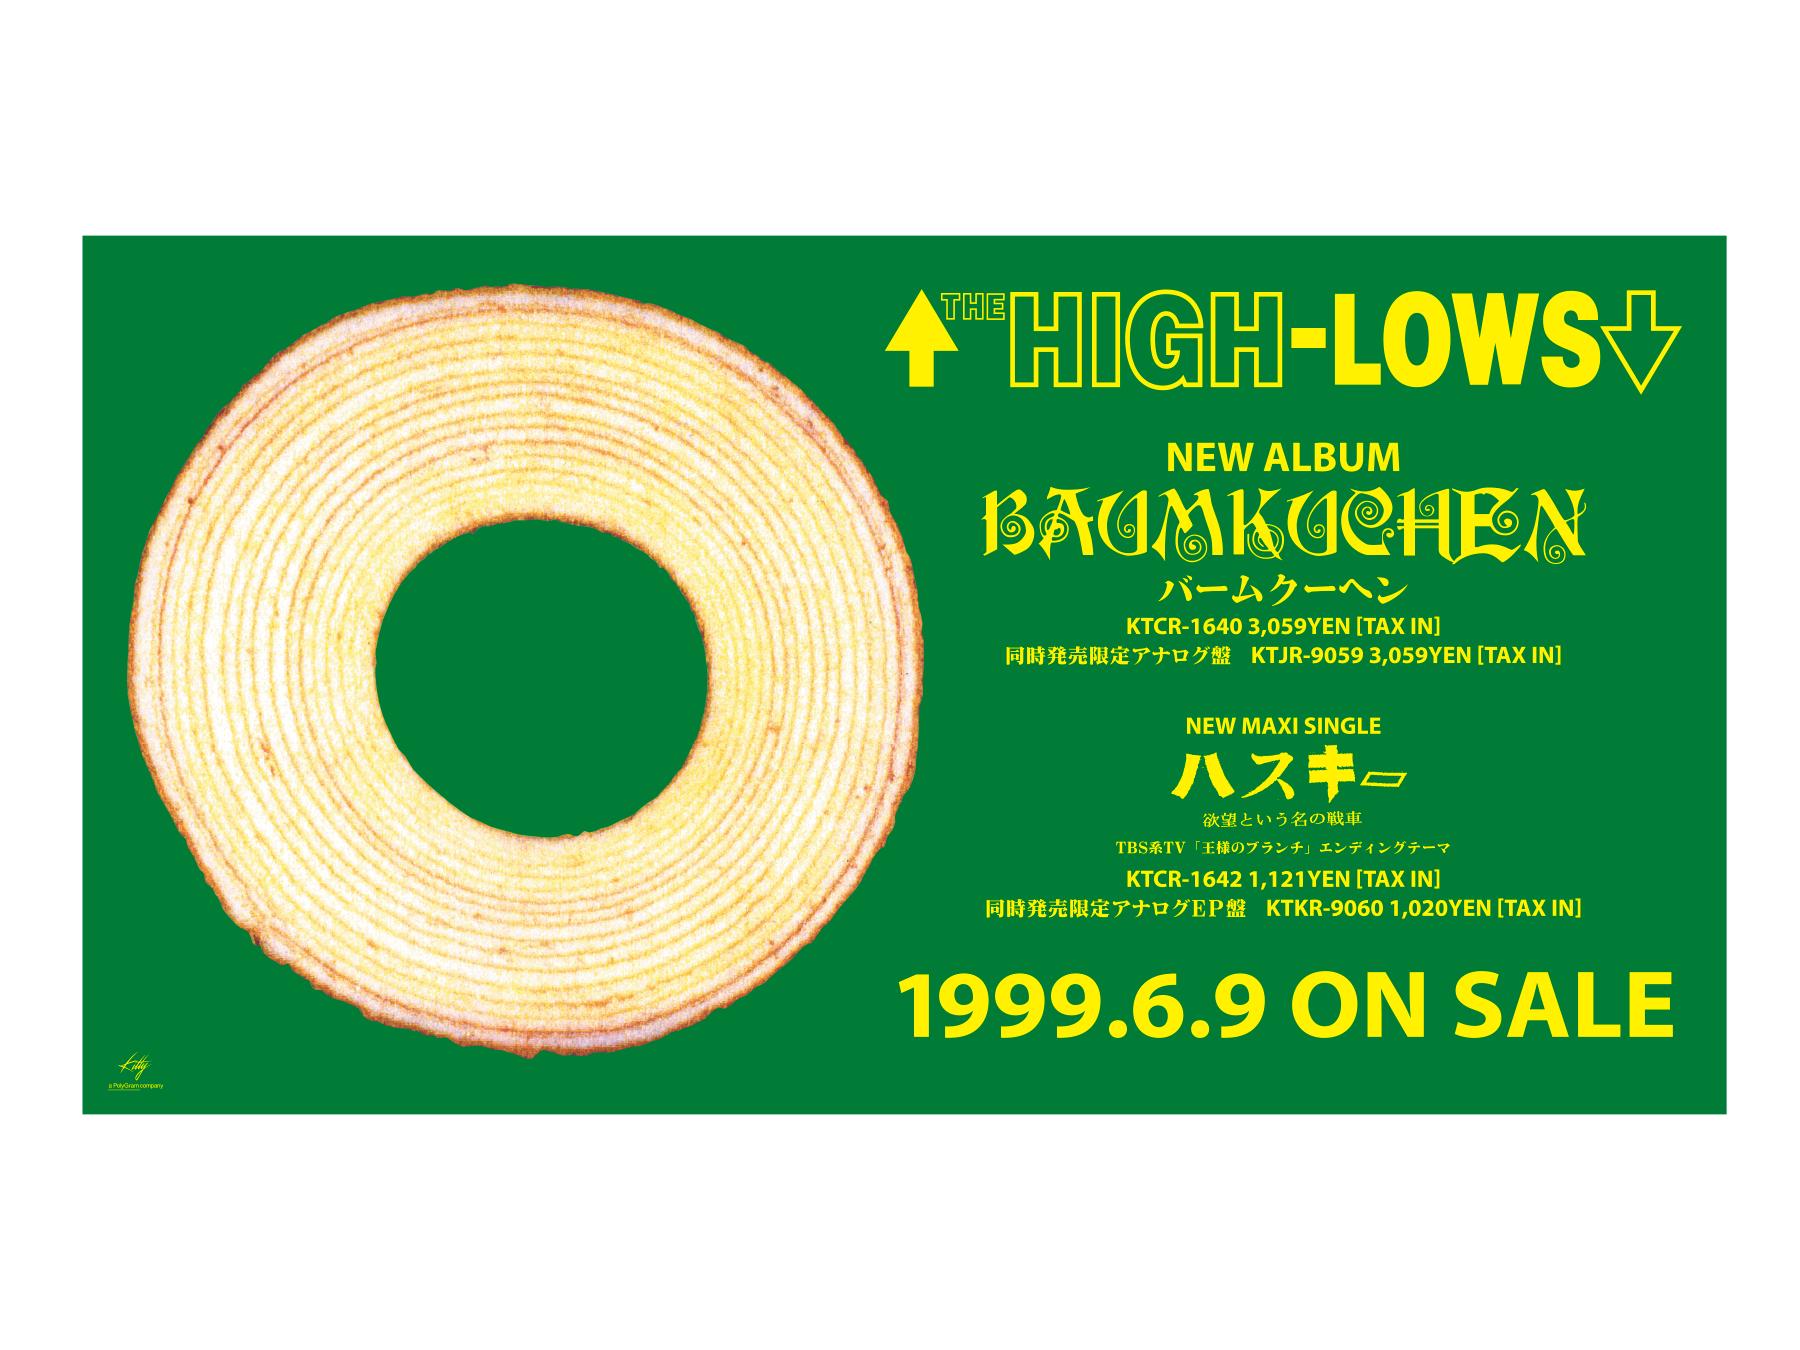 ザ・ハイロウズ 「バームクーヘン」 TOWER RECORDS 渋谷 ビルボード広告